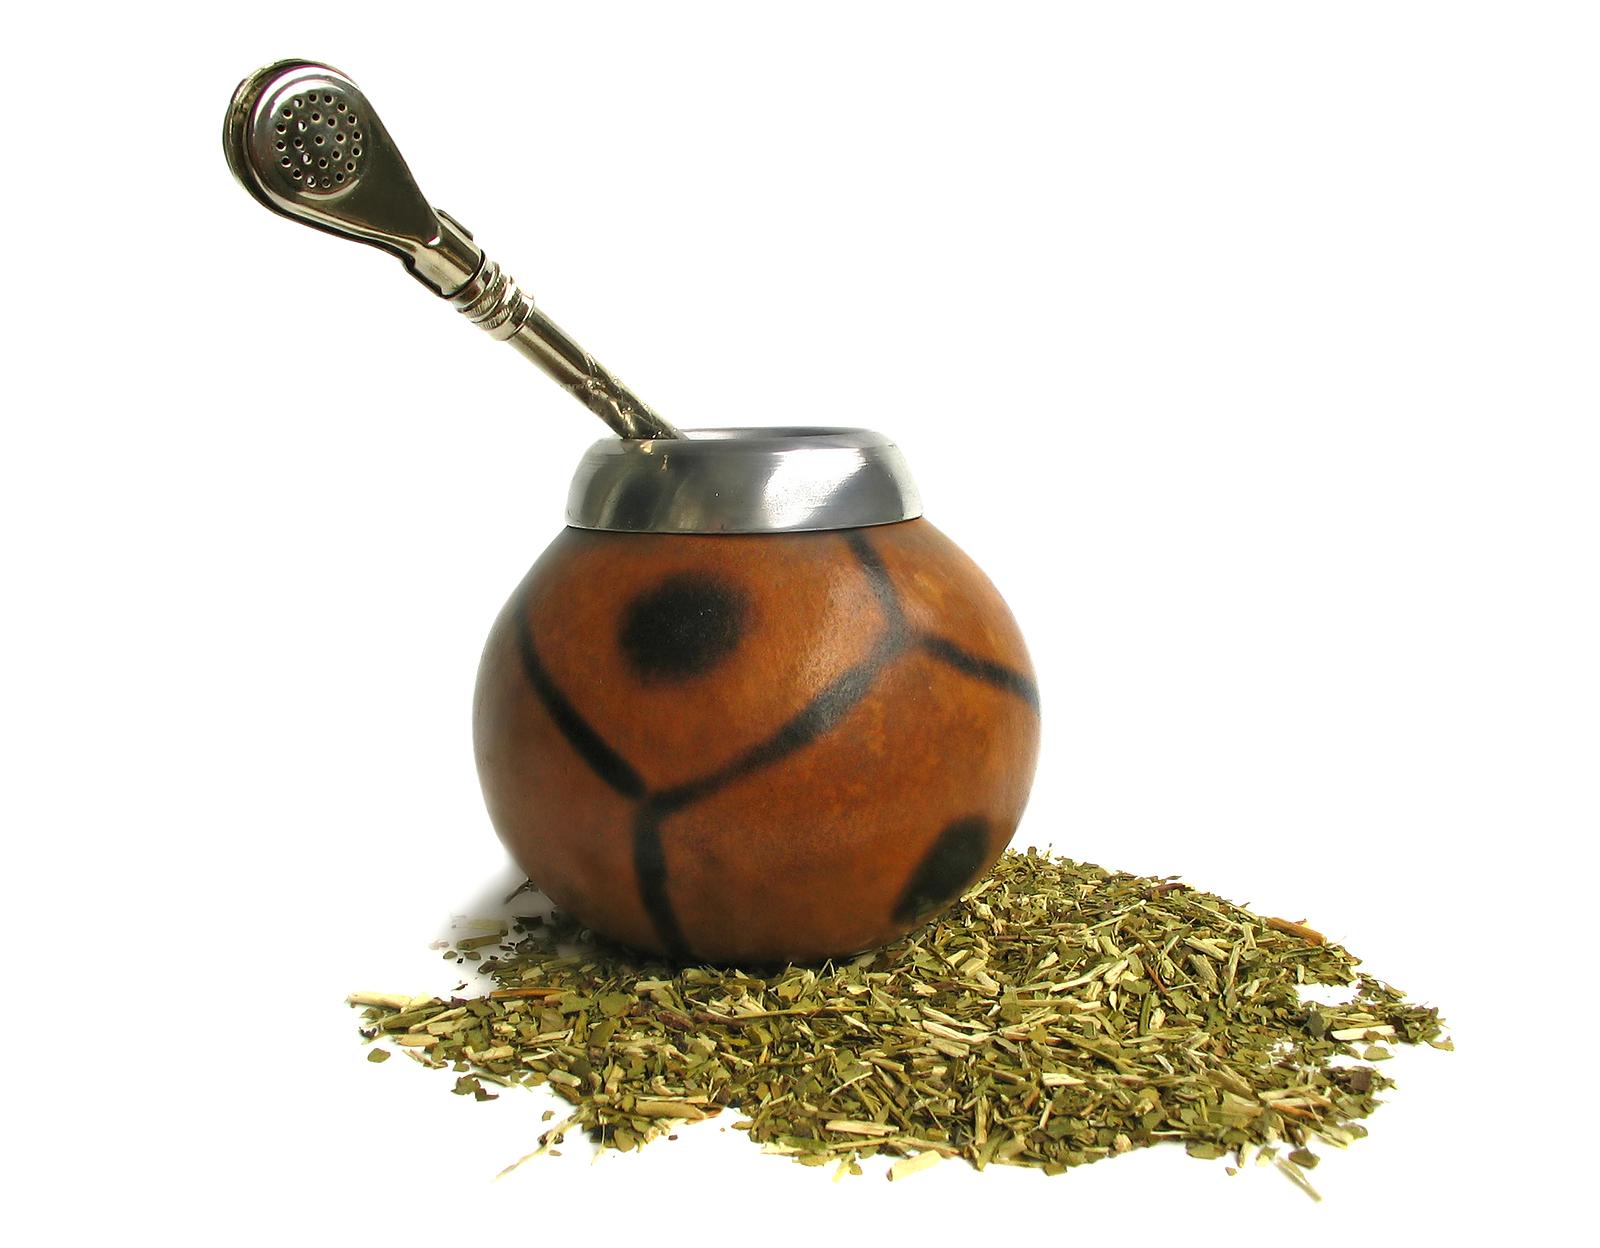 Падуб парагвайский: чай из листьев в тыкве, из чего парагвайцы делают сосуд для напиток мате, полезные свойства растения